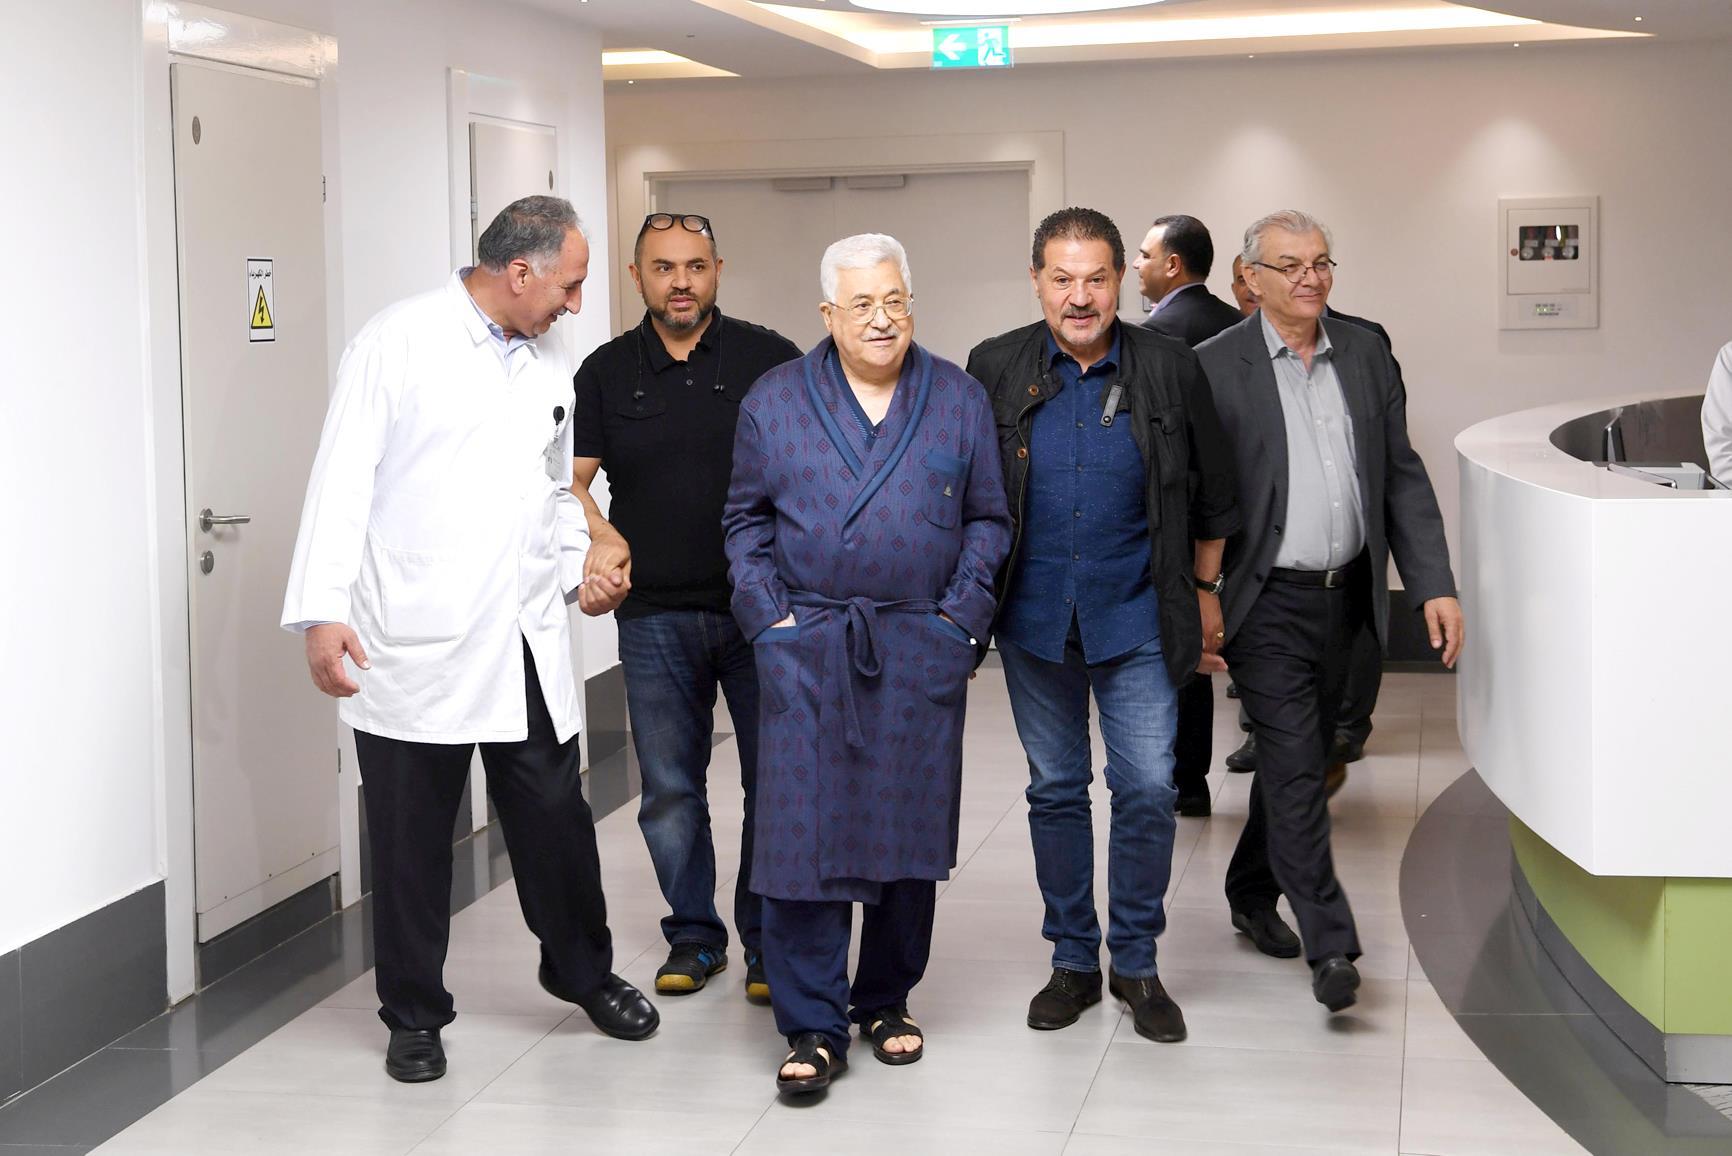 Le président palestinien Mahmoud Abbas évacué en Allemagne pour des examens médicaux